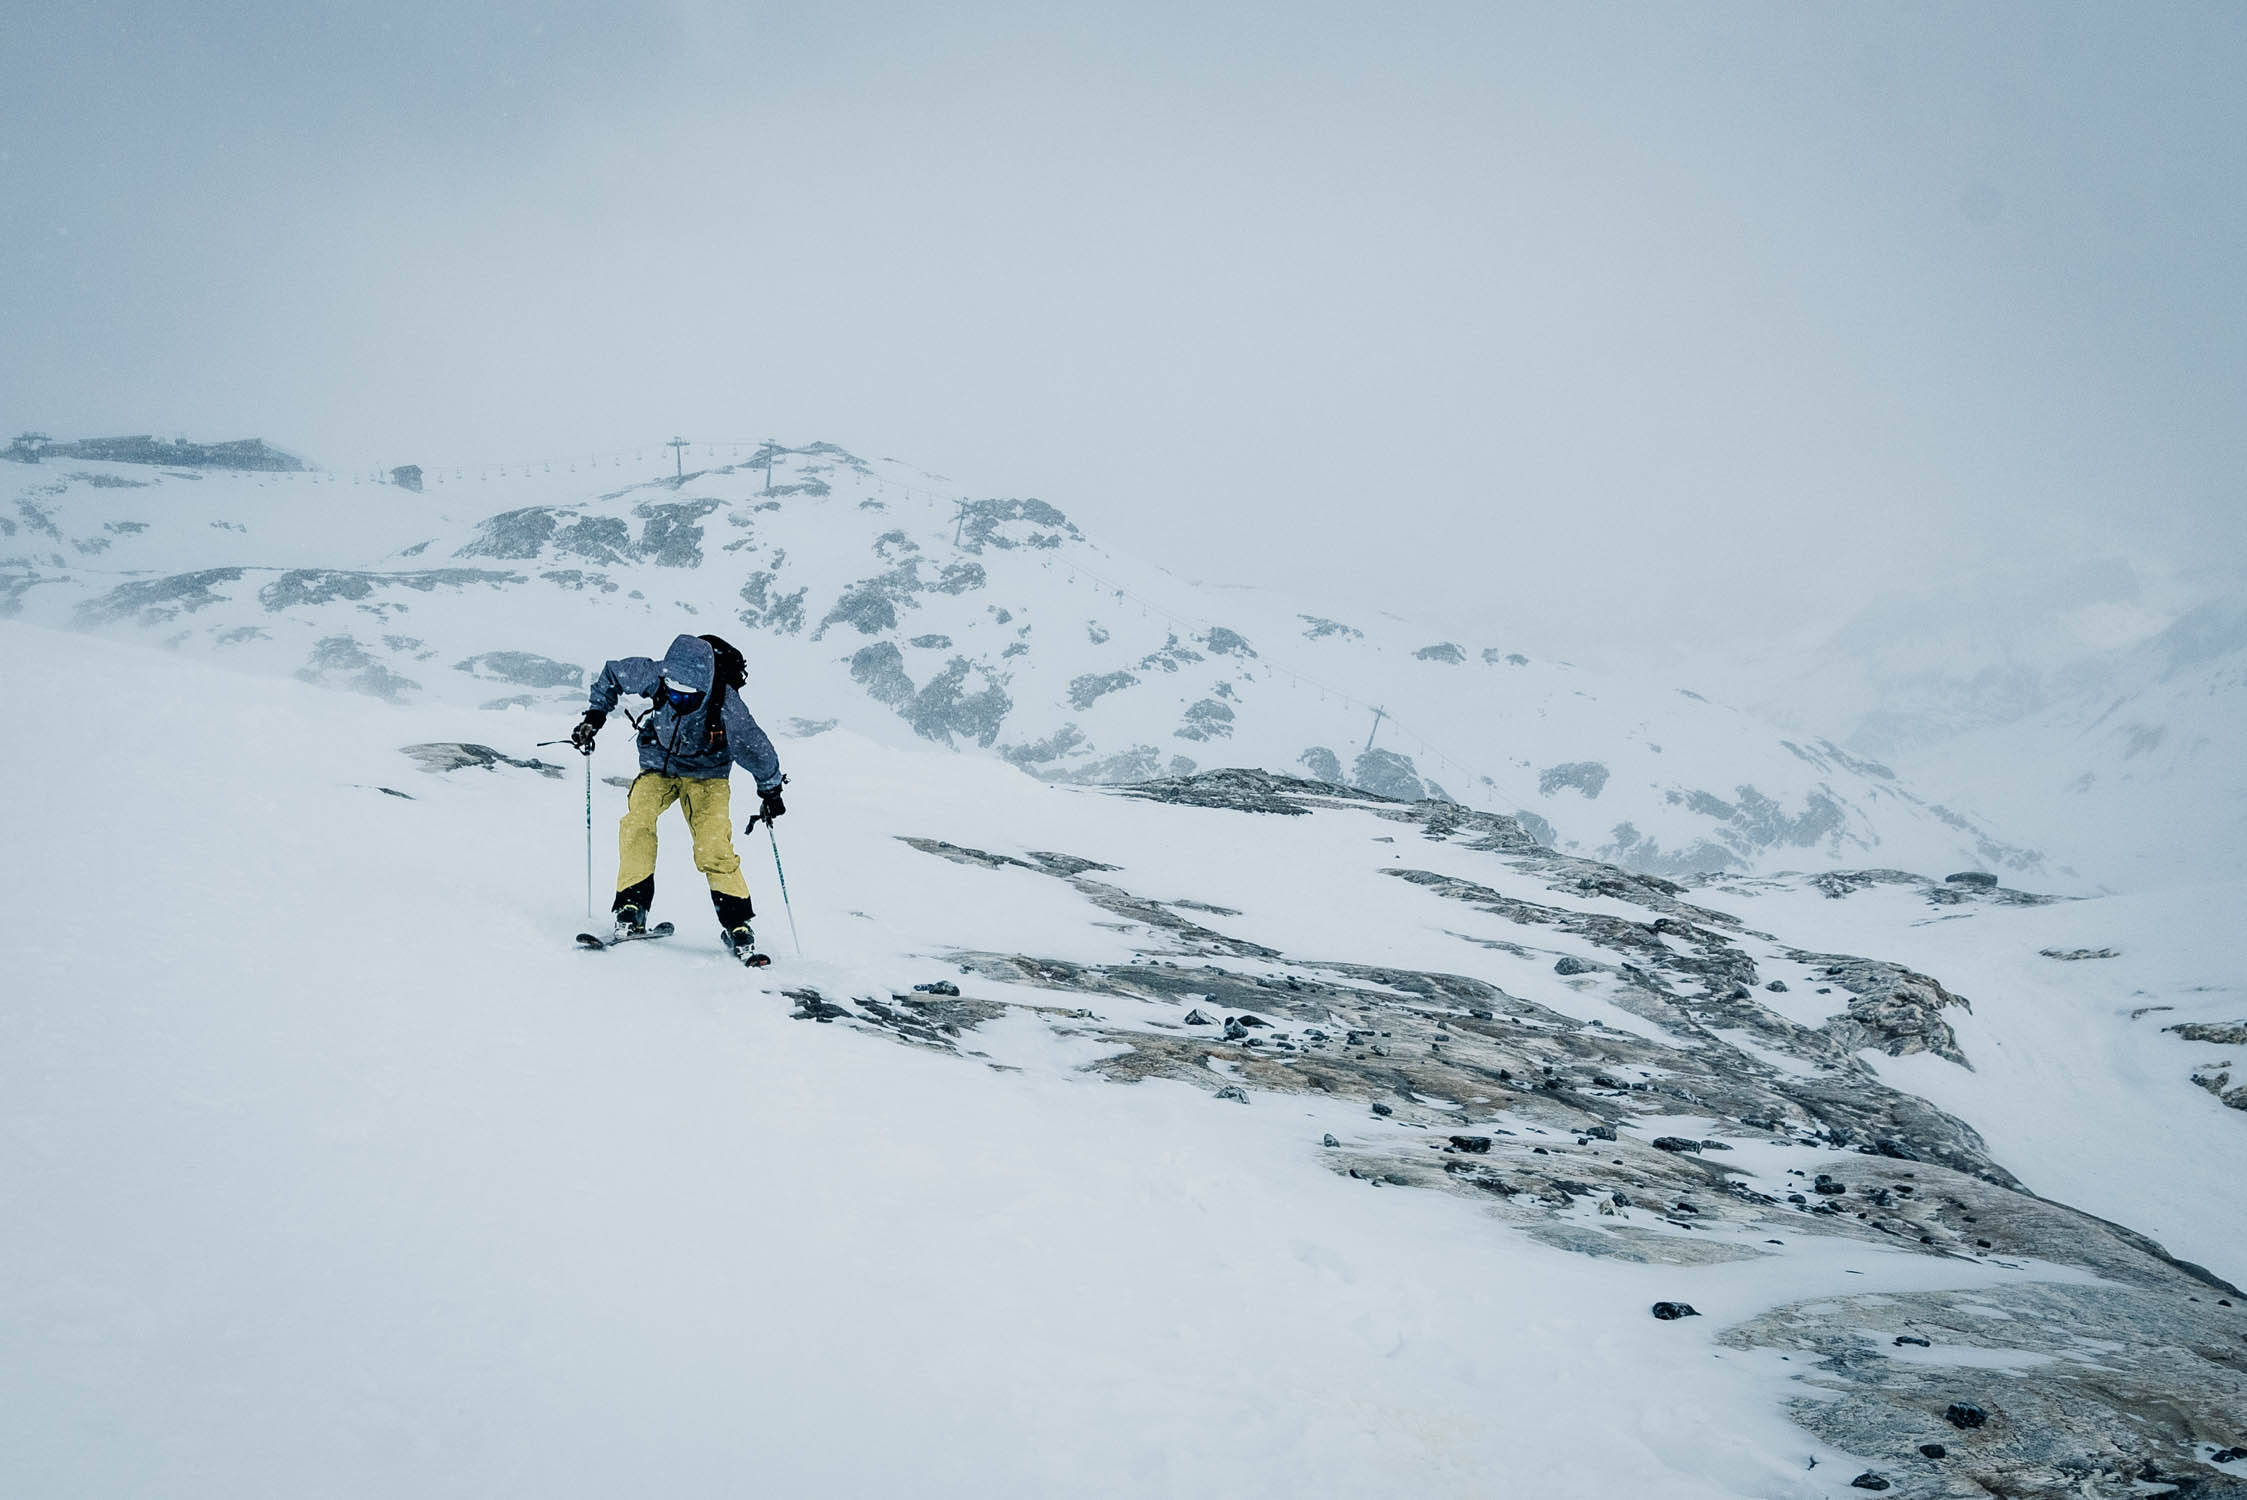 gustav-thuesen-adventure-outdoor-lifestyle-skiing-action-sport-9.jpg